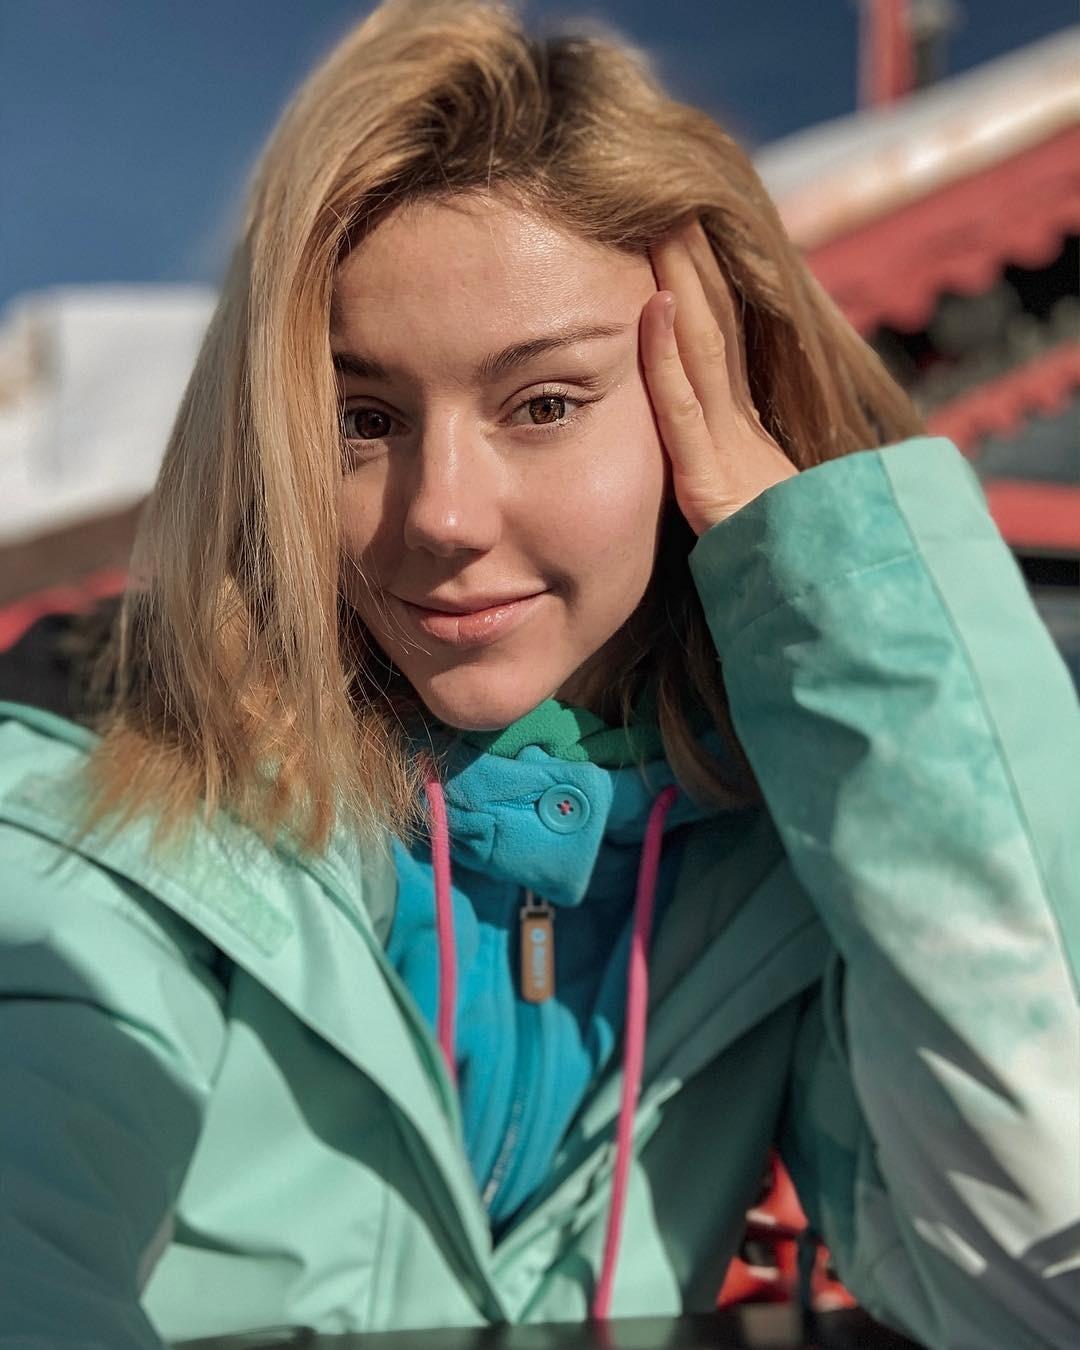 Юлиана Караулова прервала отпуск из-за болезни